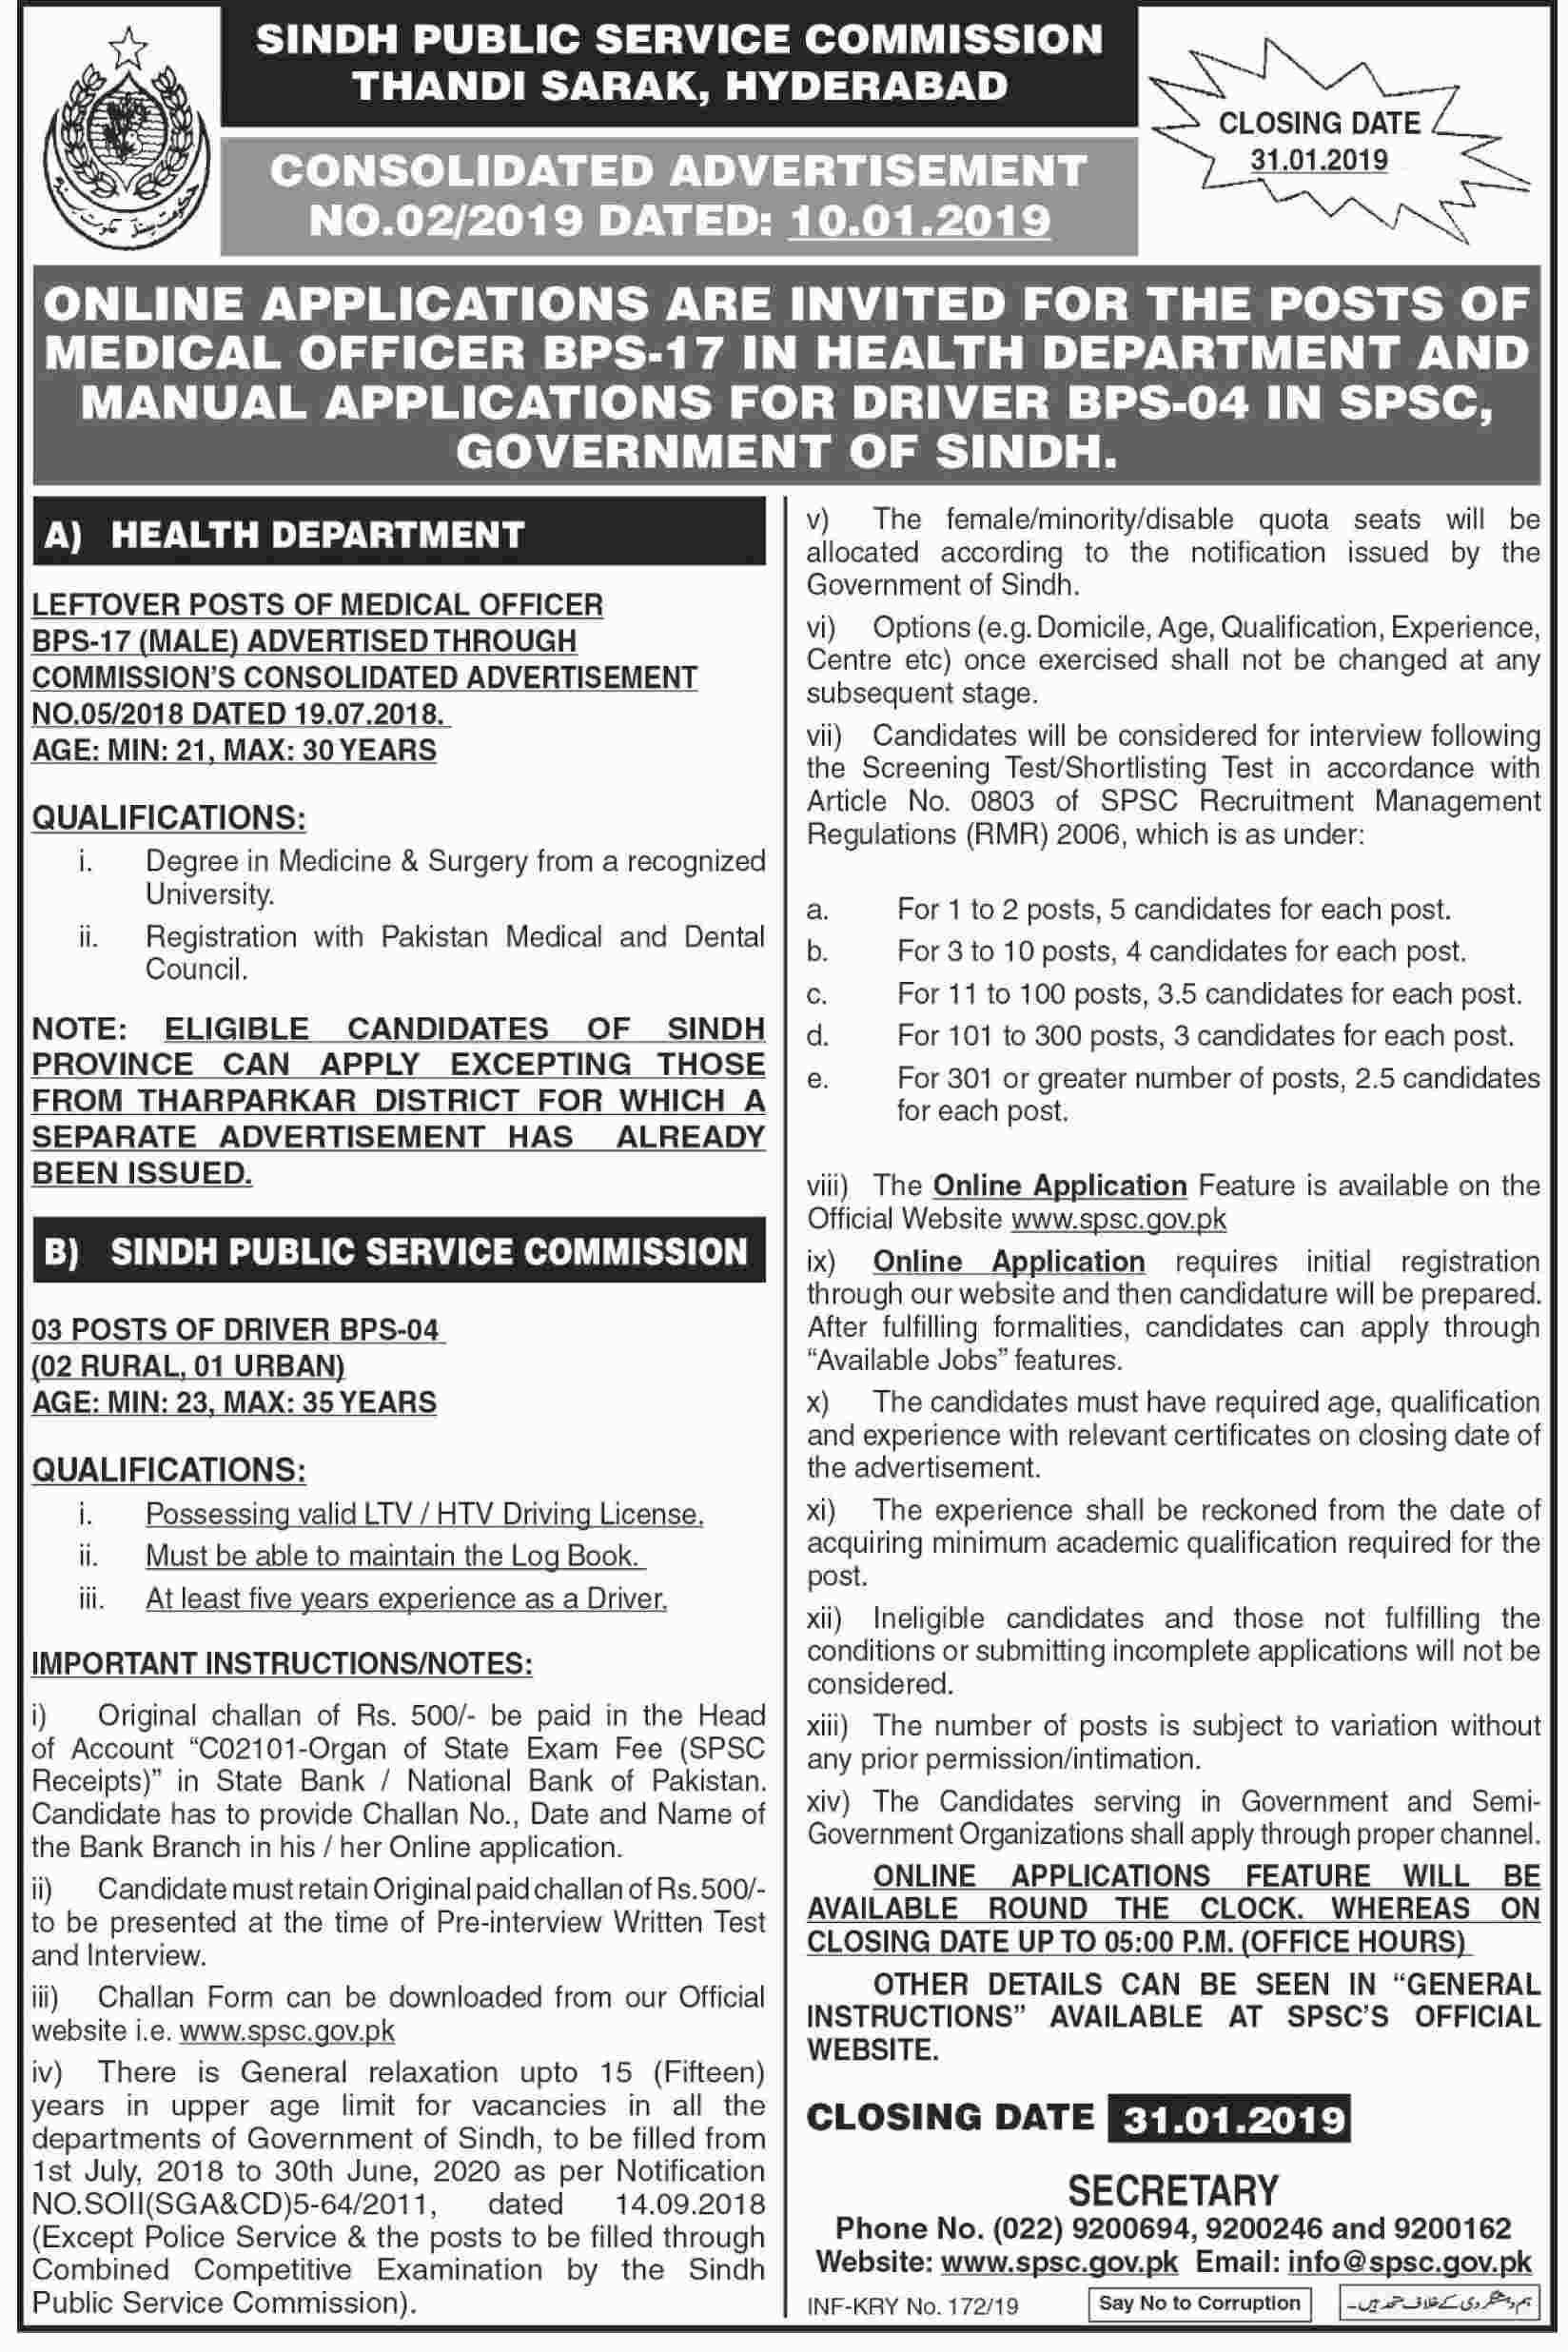 Sindh Public Service Commission Jobs 2019